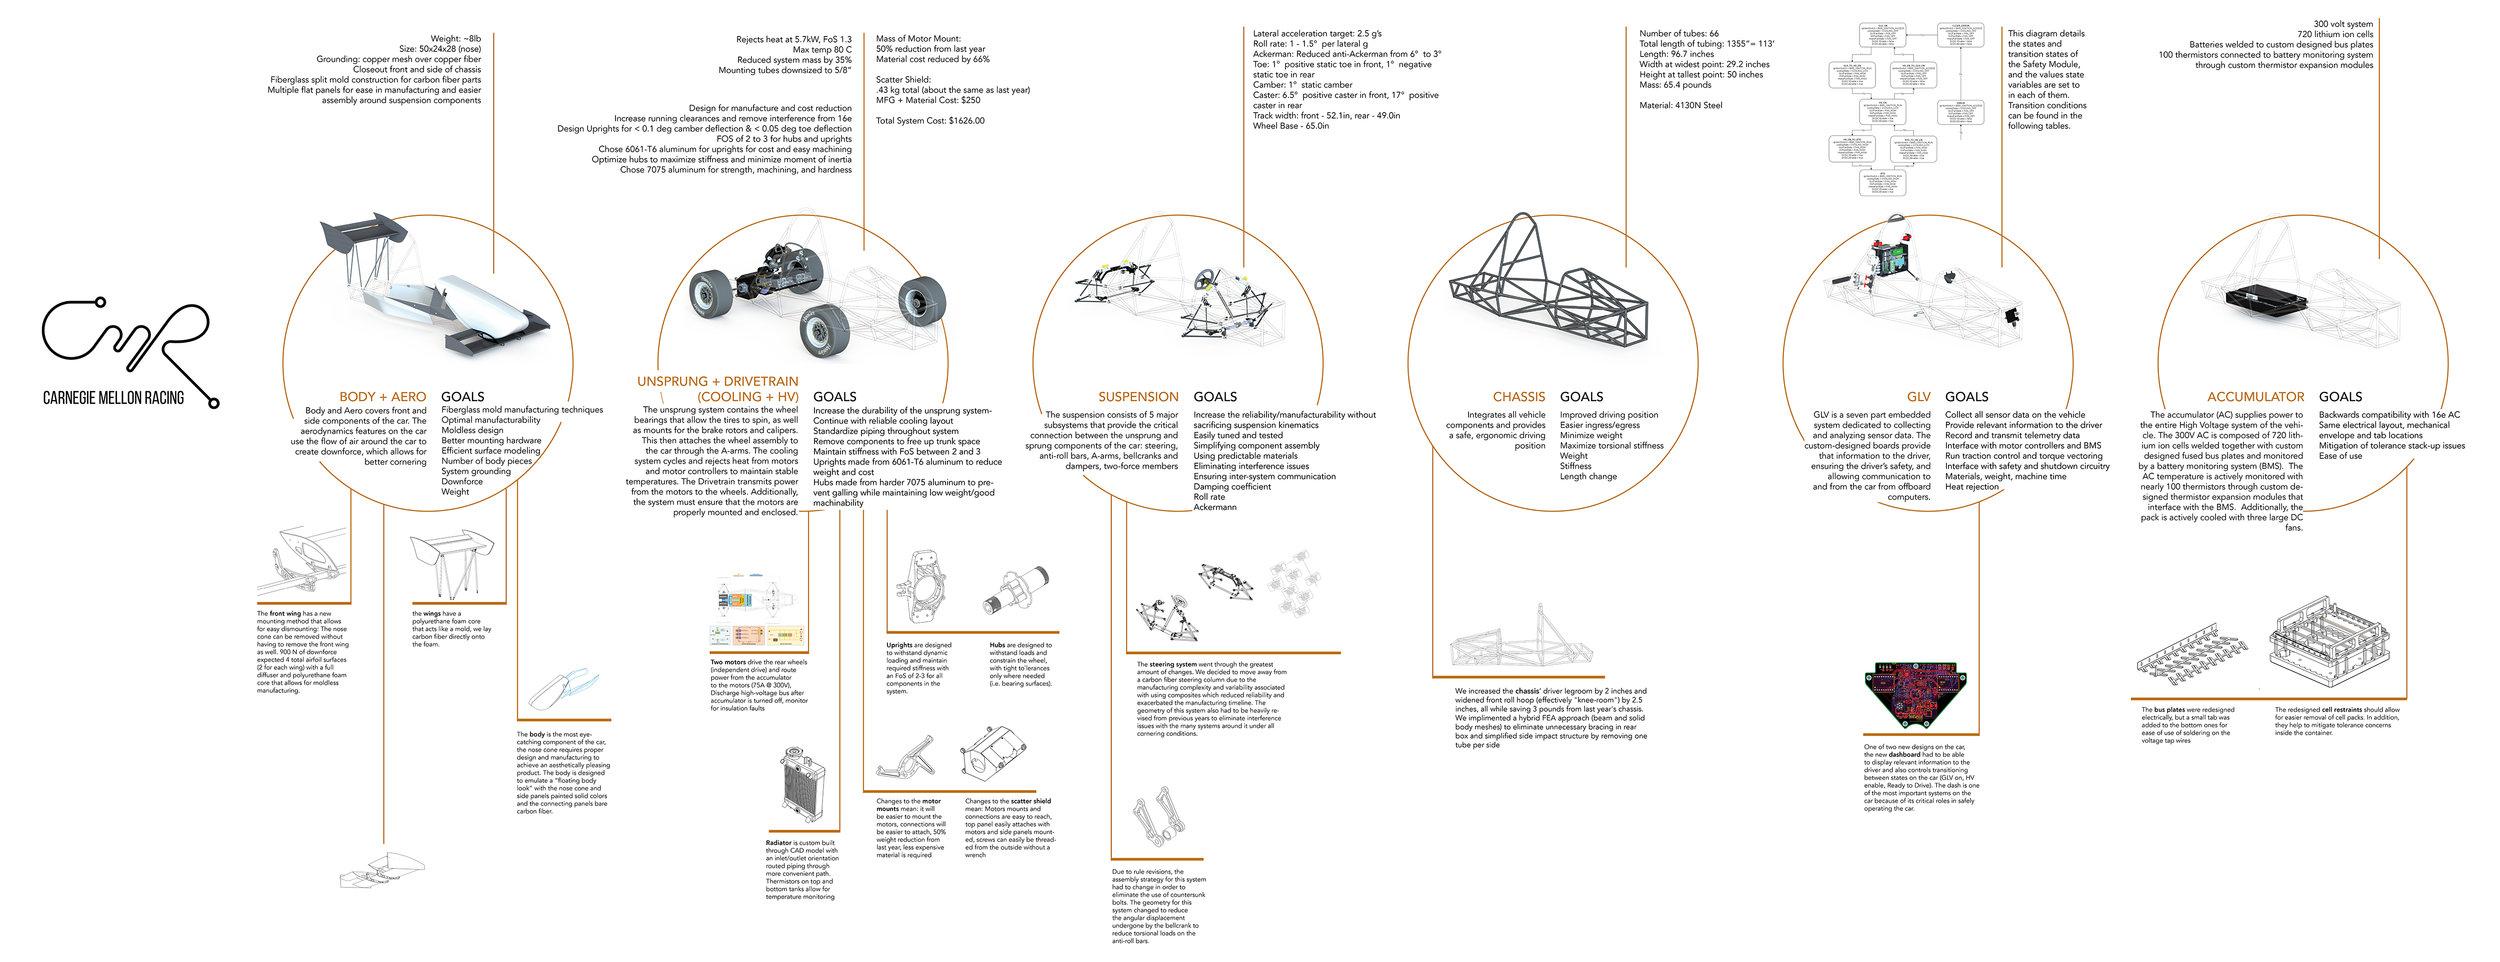 Uber Design Review Poster.jpg